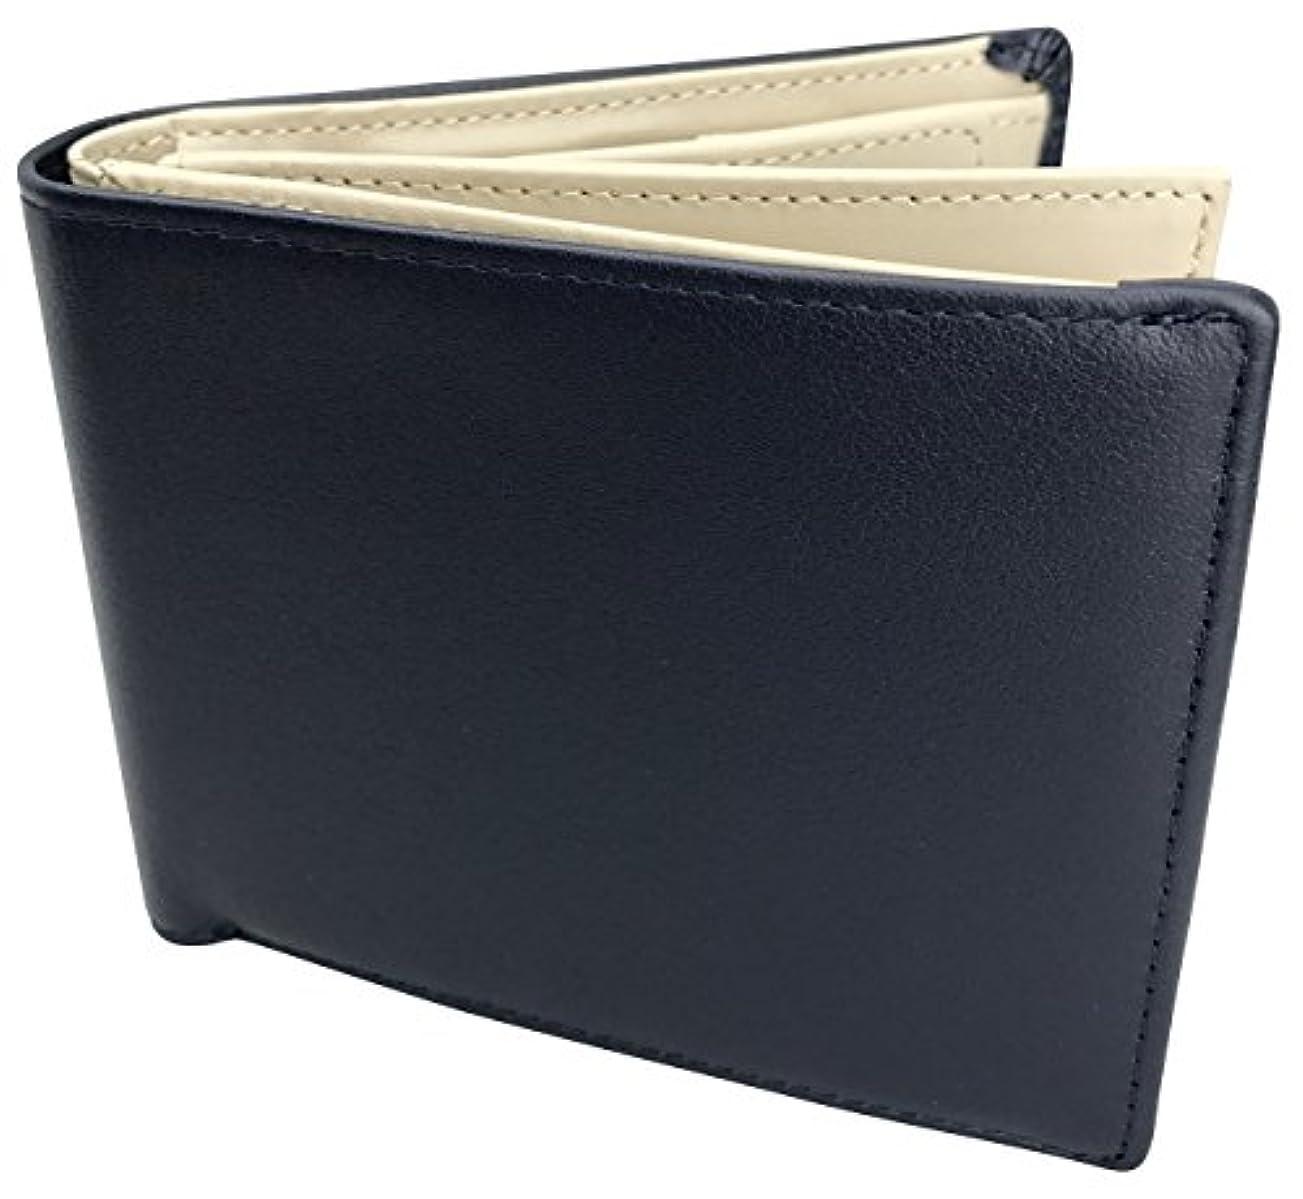 濃度浸す用心[フロックス] 財布 二つ折り 二つ折り財布 本革 革 クリアホルダー付 ボックス型小銭入れ カード 大容量 ブランド 人気 メンズ レディース